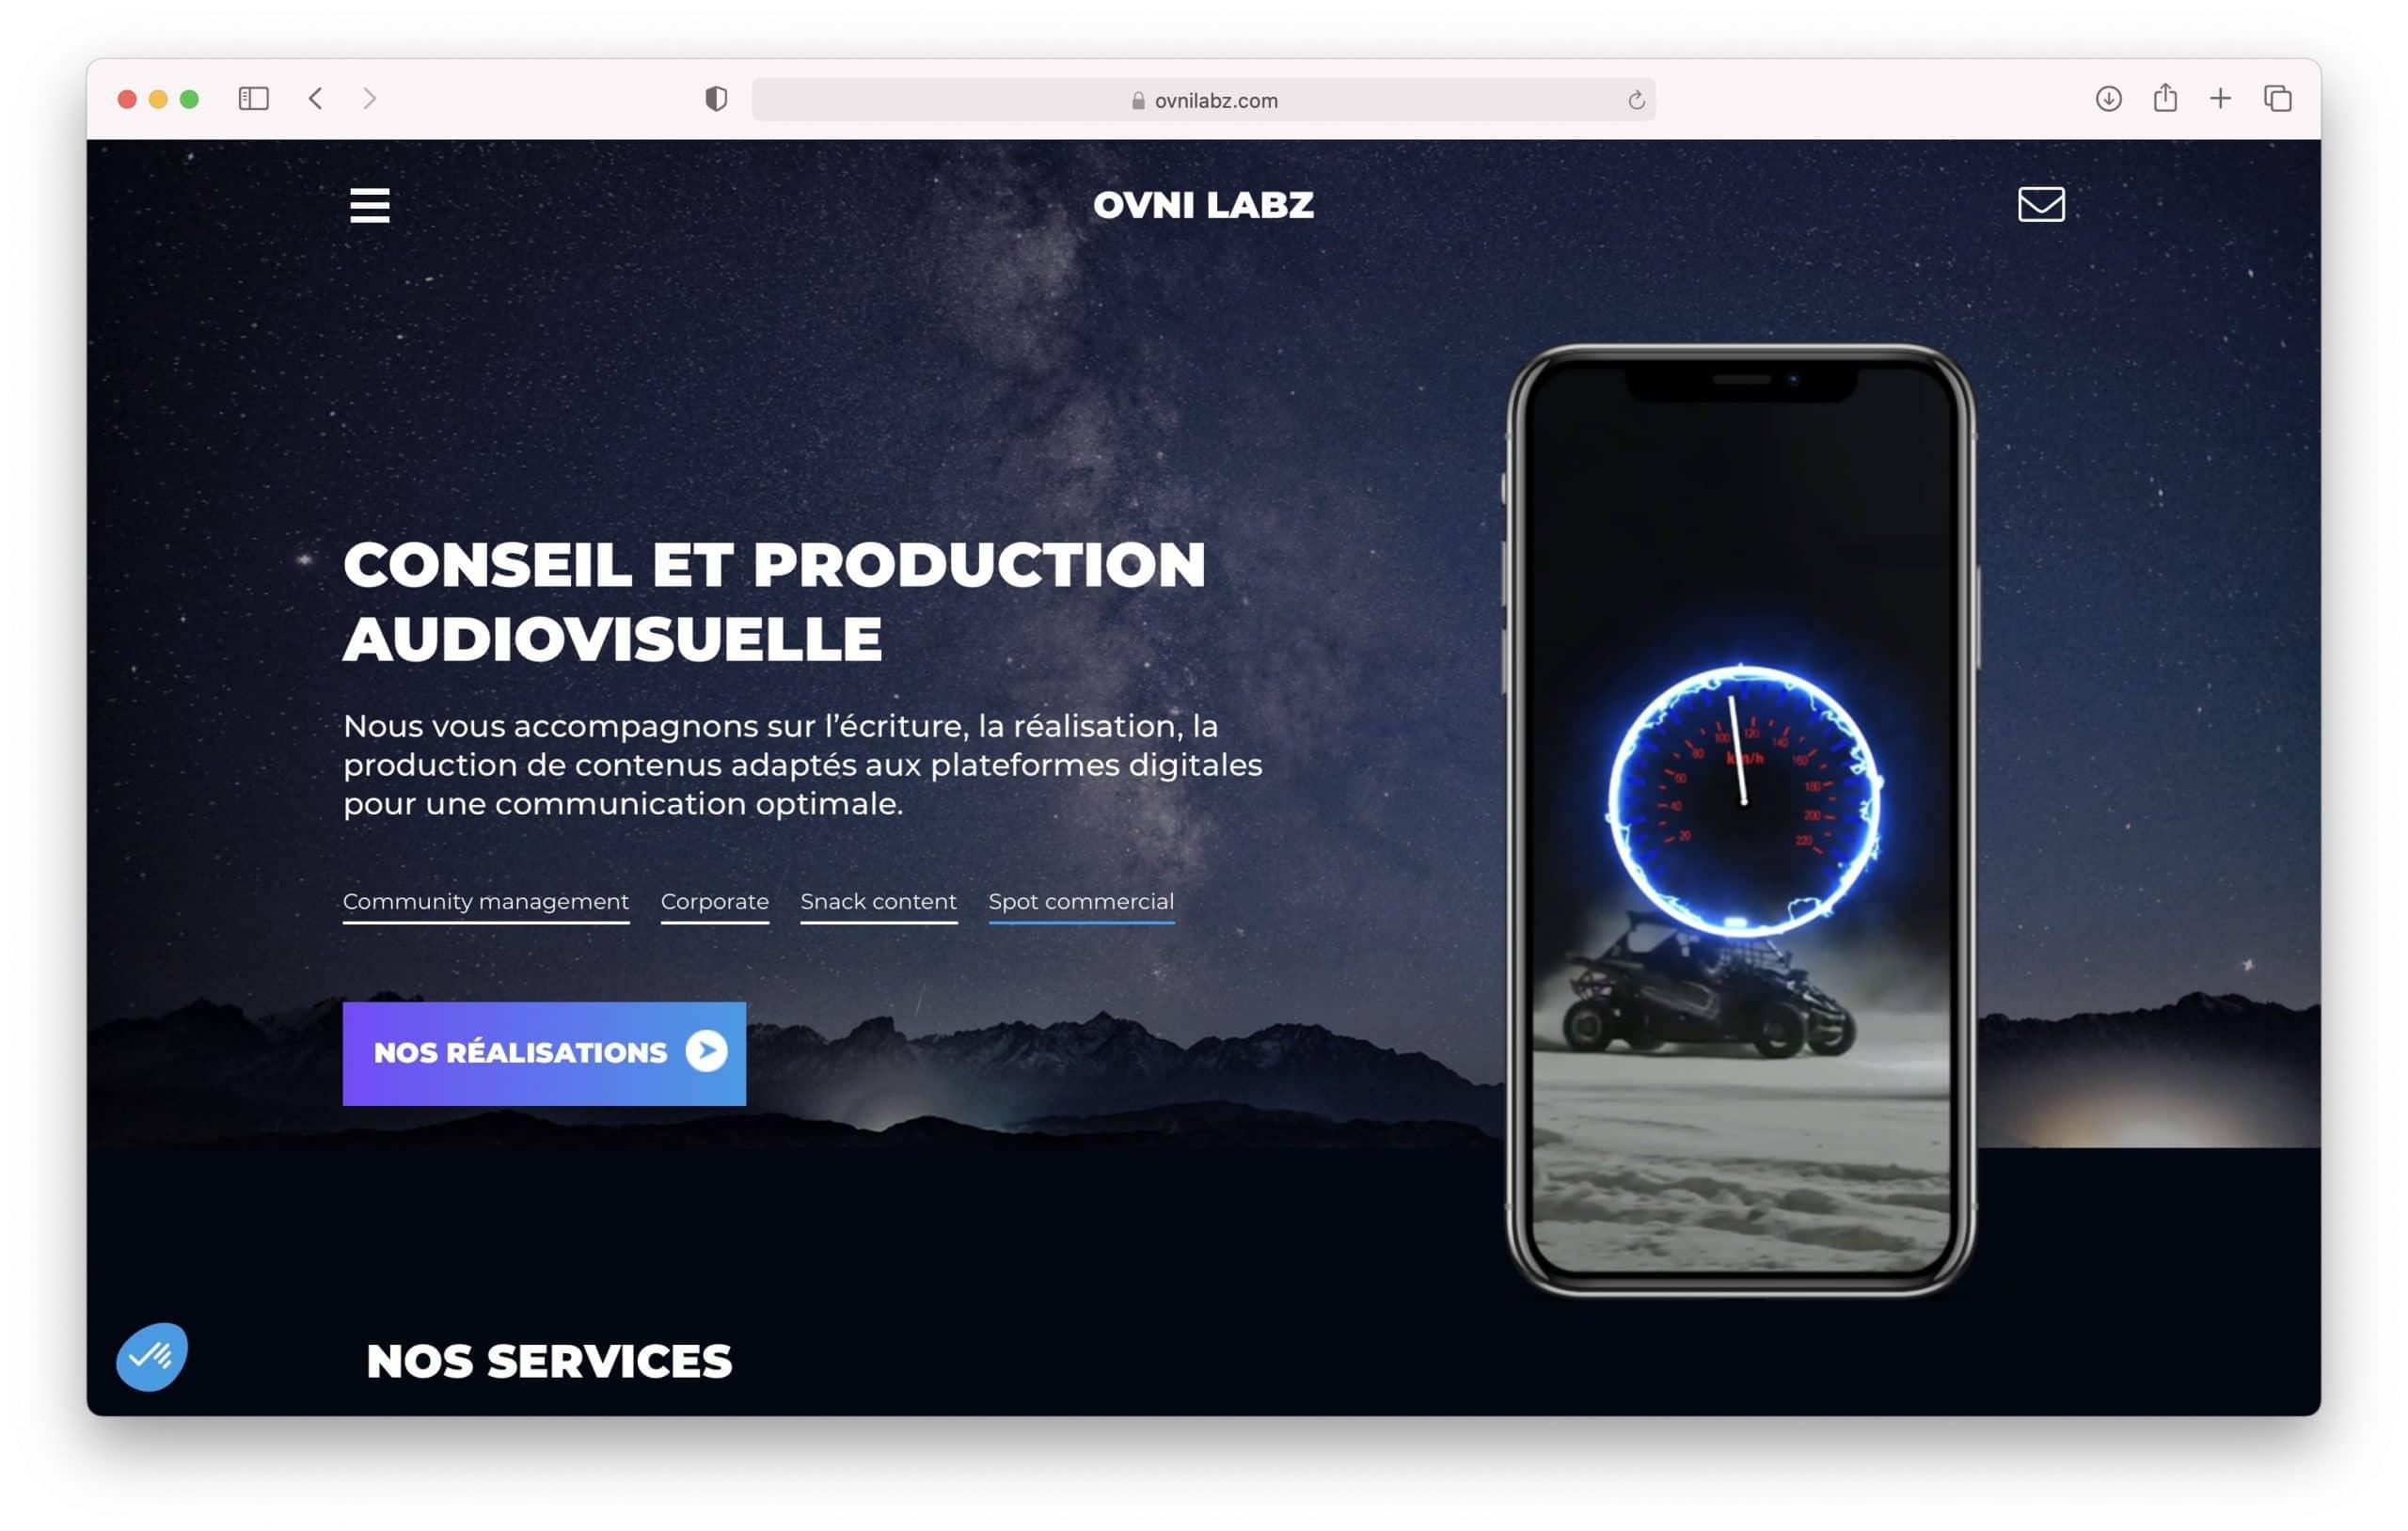 Création de site internet - OVNI-LABZ